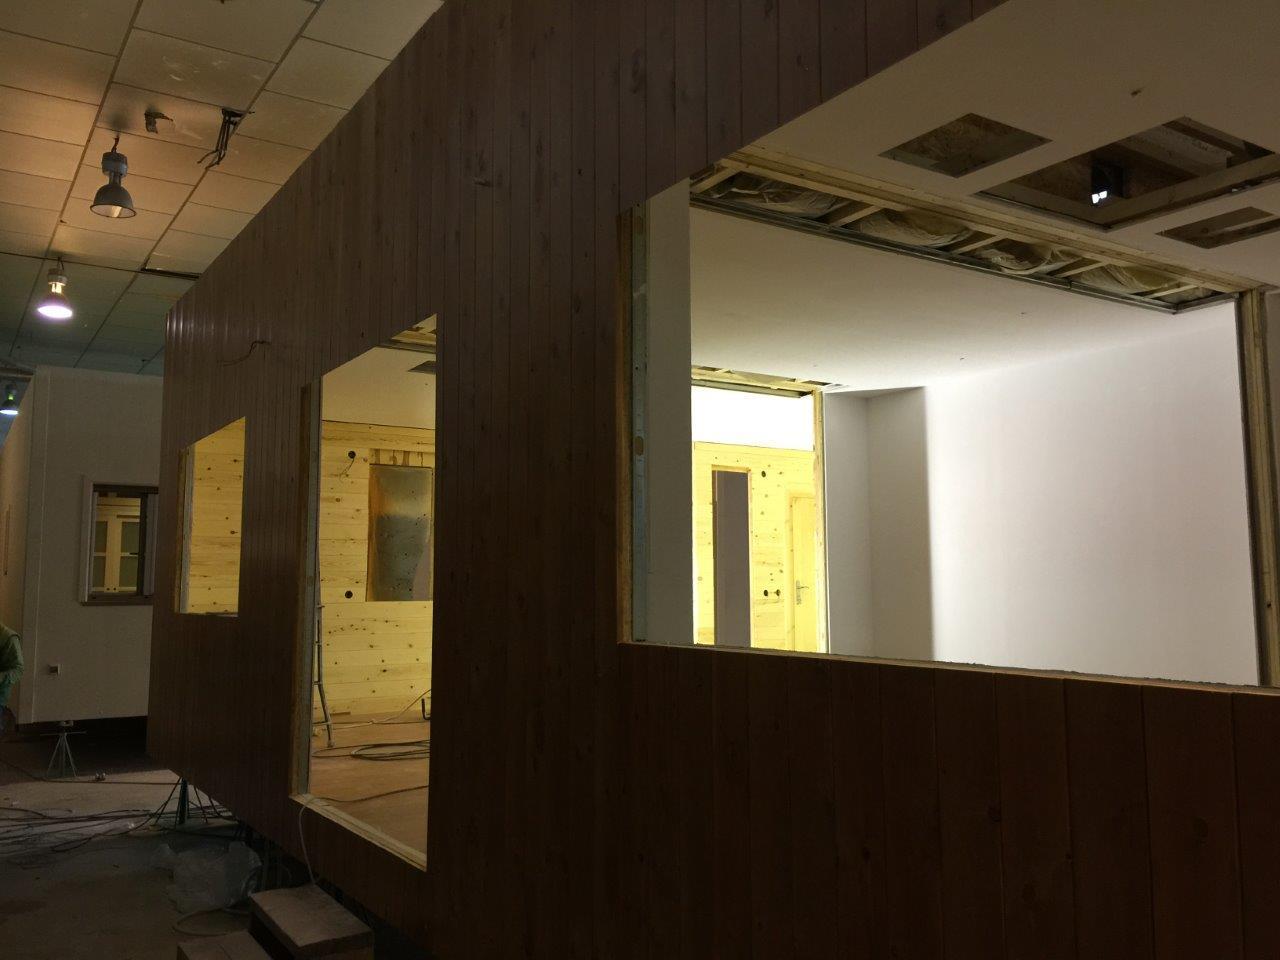 Construcci n de casas modulares en nuestra f brica for Construccion de oficinas modulares